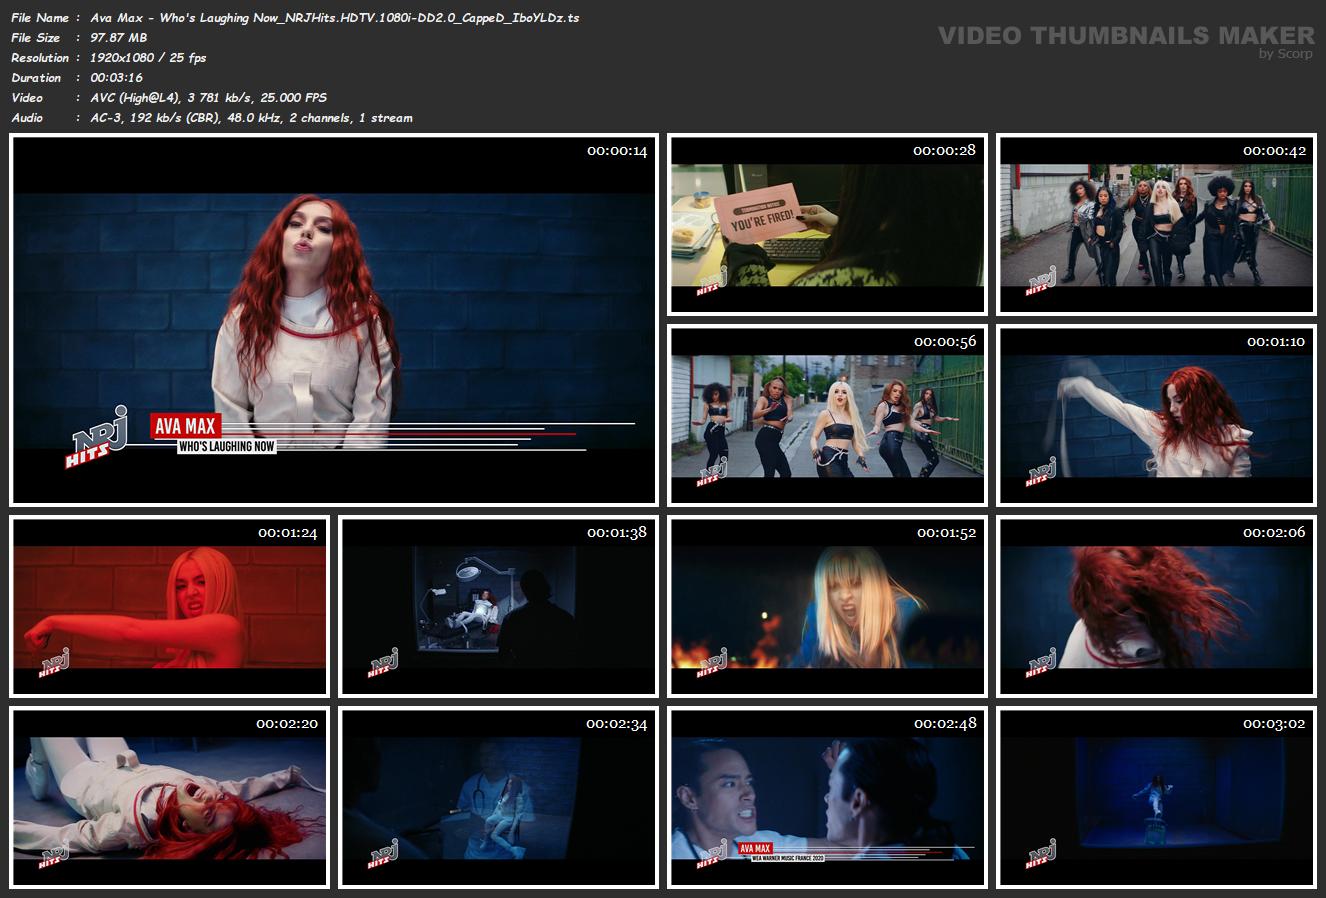 Ava Max - Who's Laughing Now   (NRJHITSHD-1080i-DD2.0-IboYLDz)-HDMania   ShareMania.US